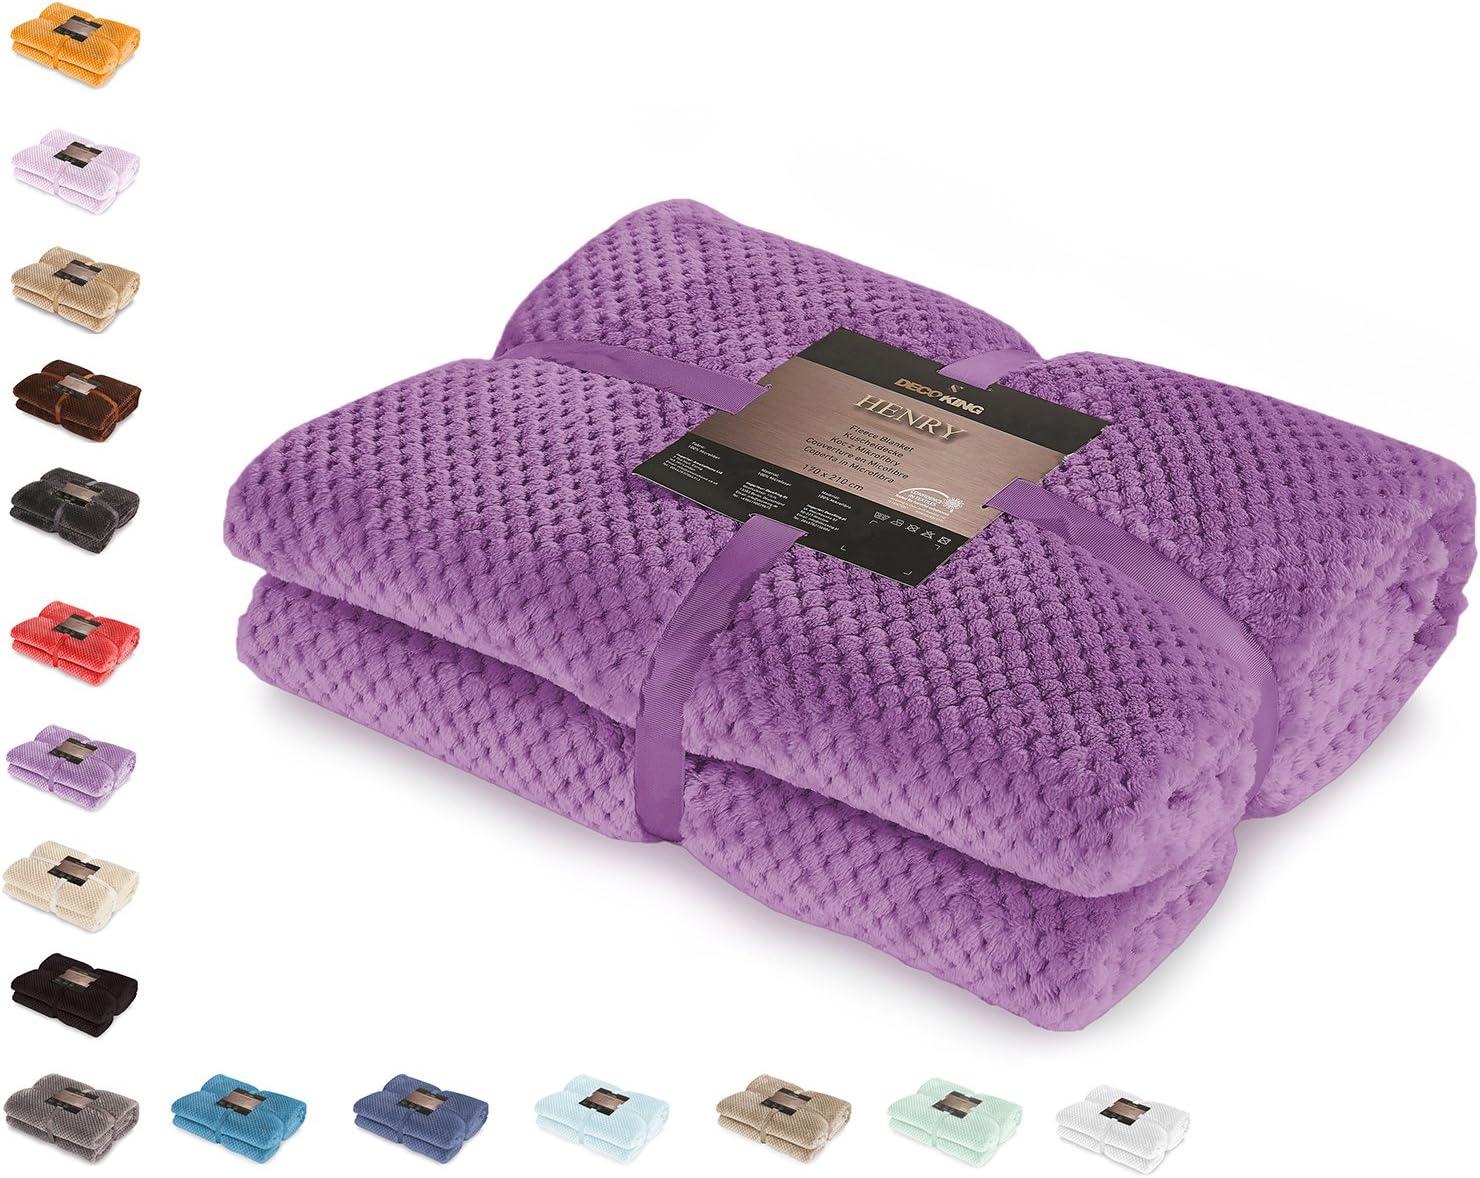 DecoKing 66133 Kuscheldecke 70x150 cm Violett Decke Microfaser Wohndecke Tagesdecke Fleece weich sanft kuschelig skandinavischer Stil Lila Henry